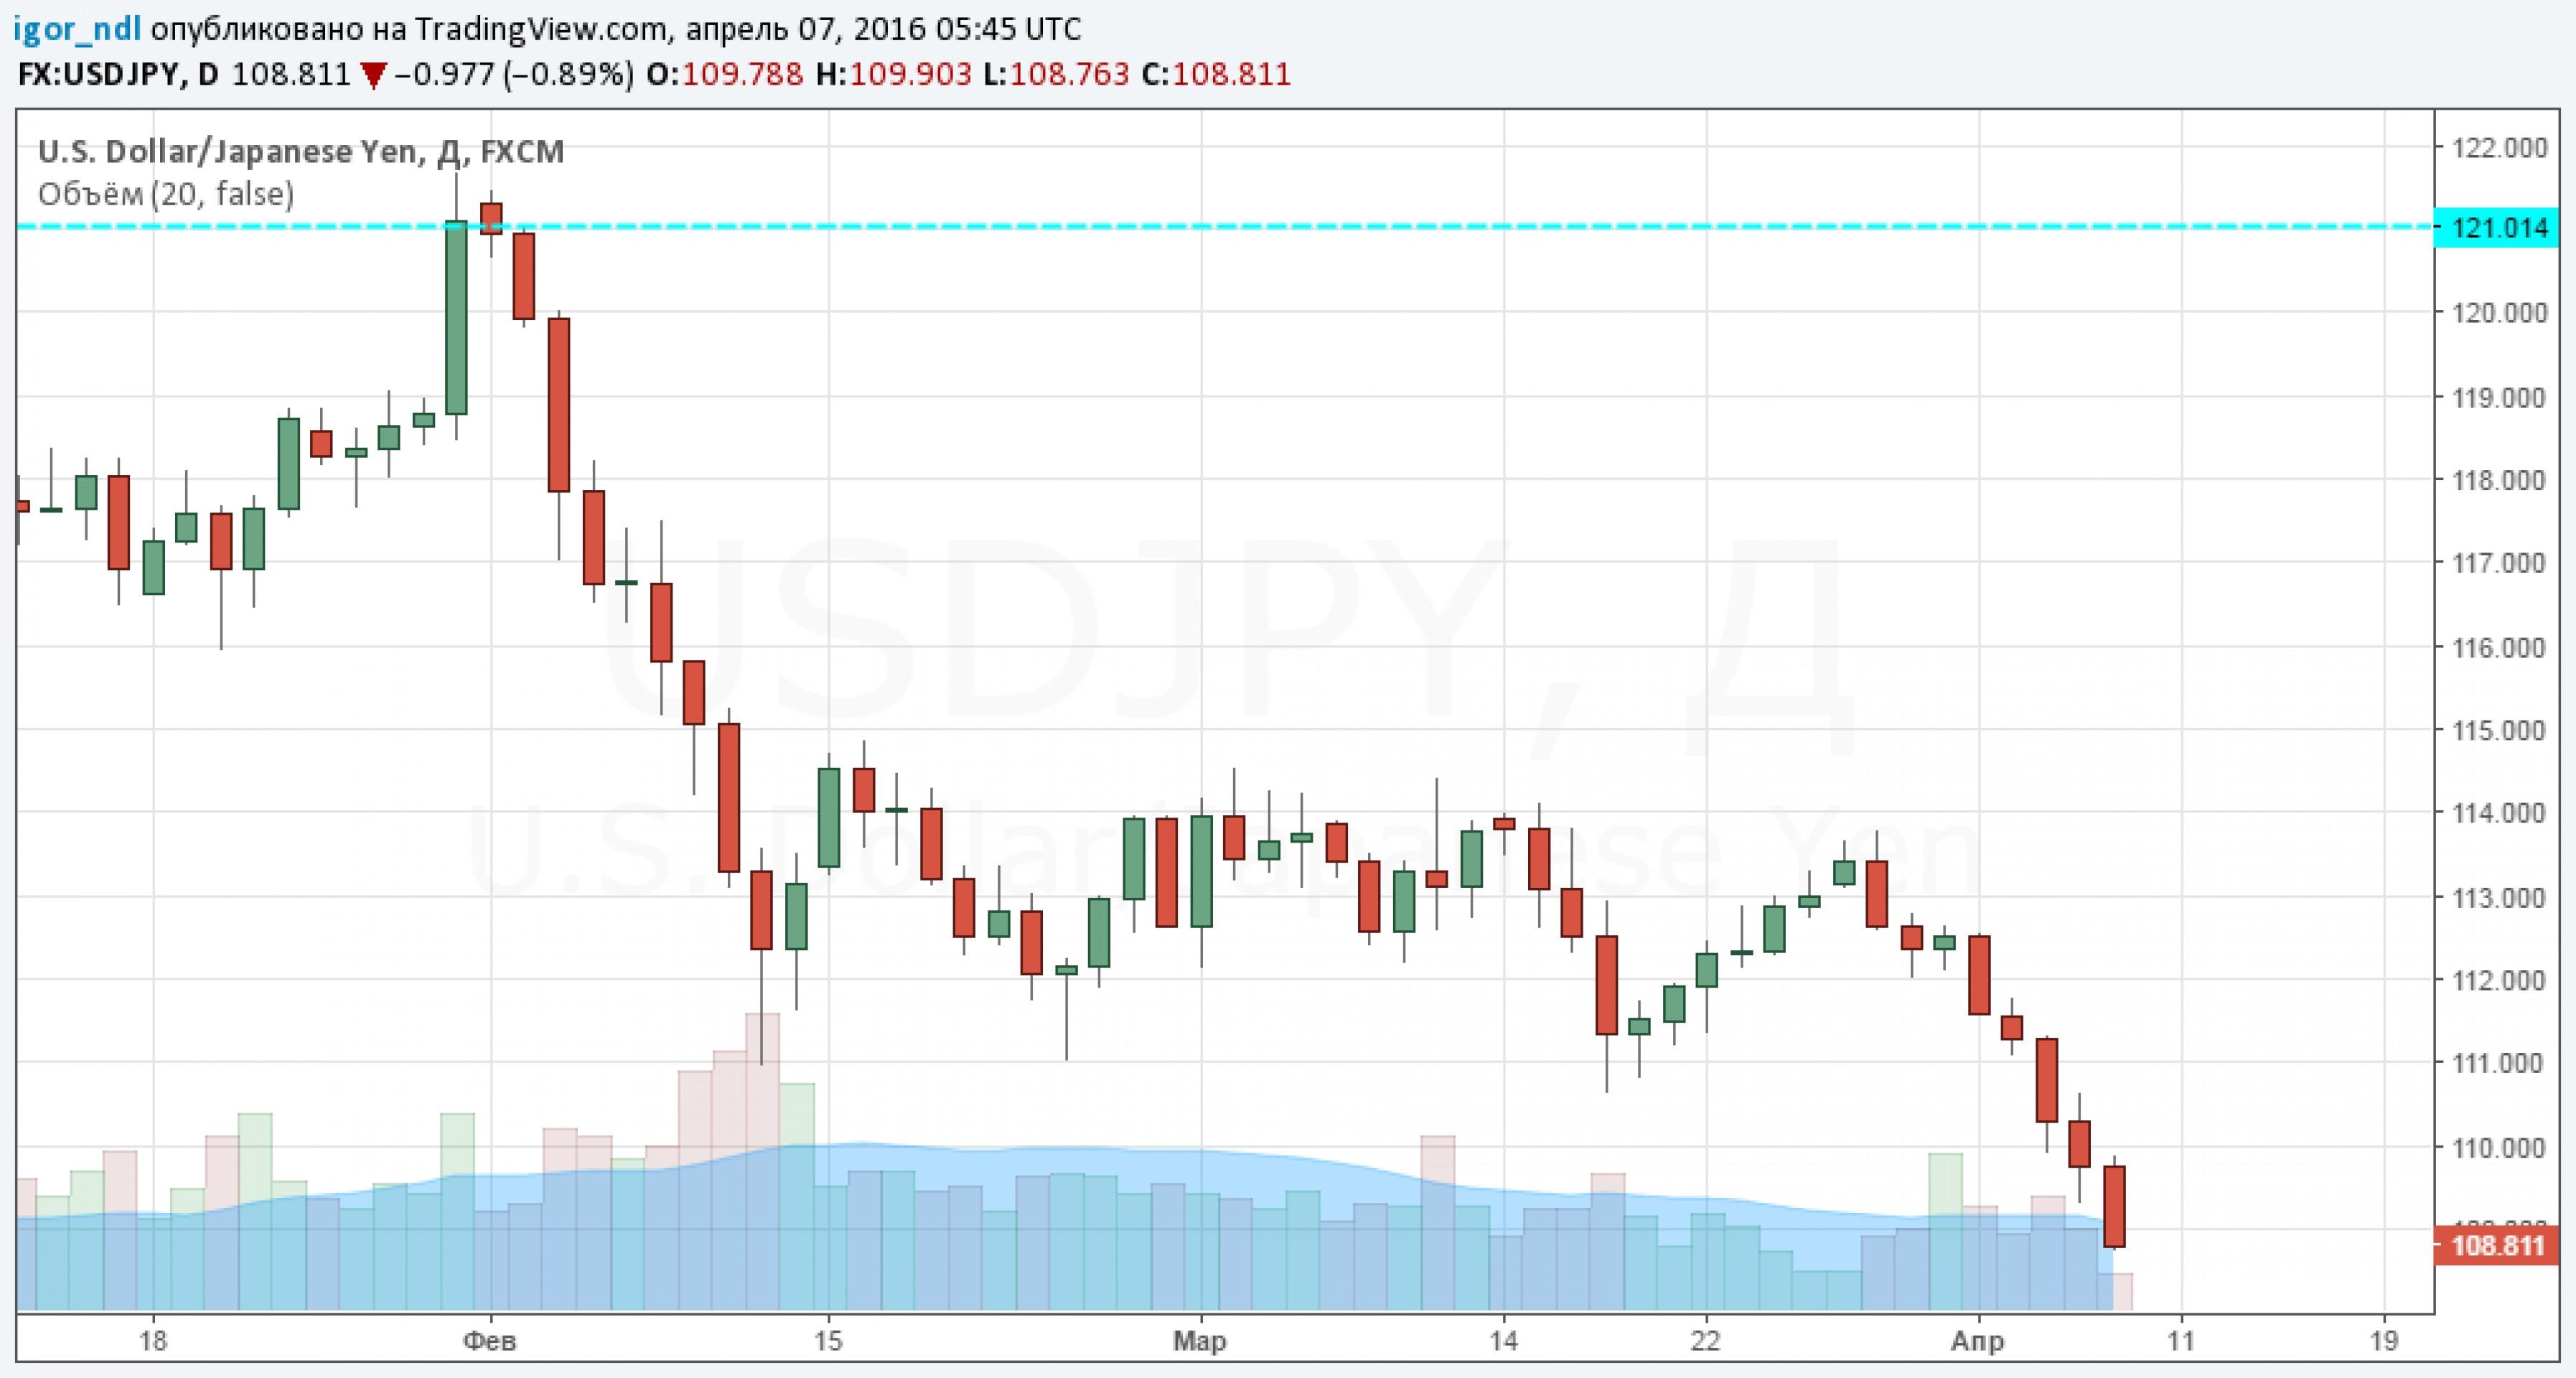 Японская иена хоронит все усилия абэномики